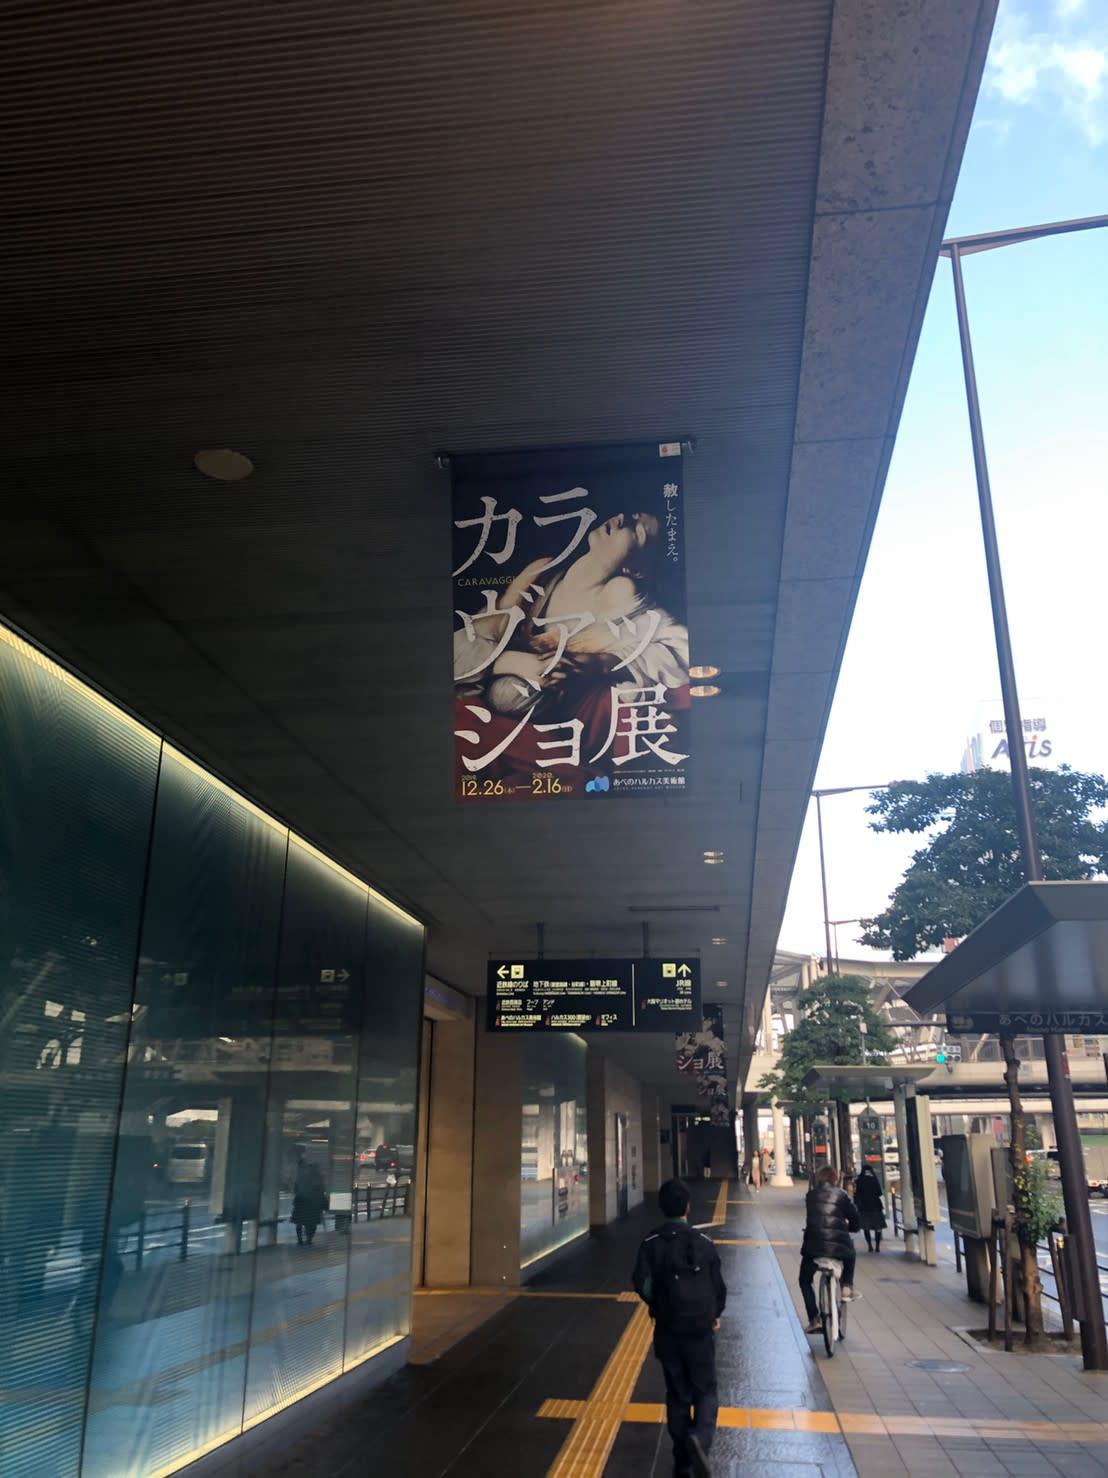 カラヴァッジョ展行き方 (11)